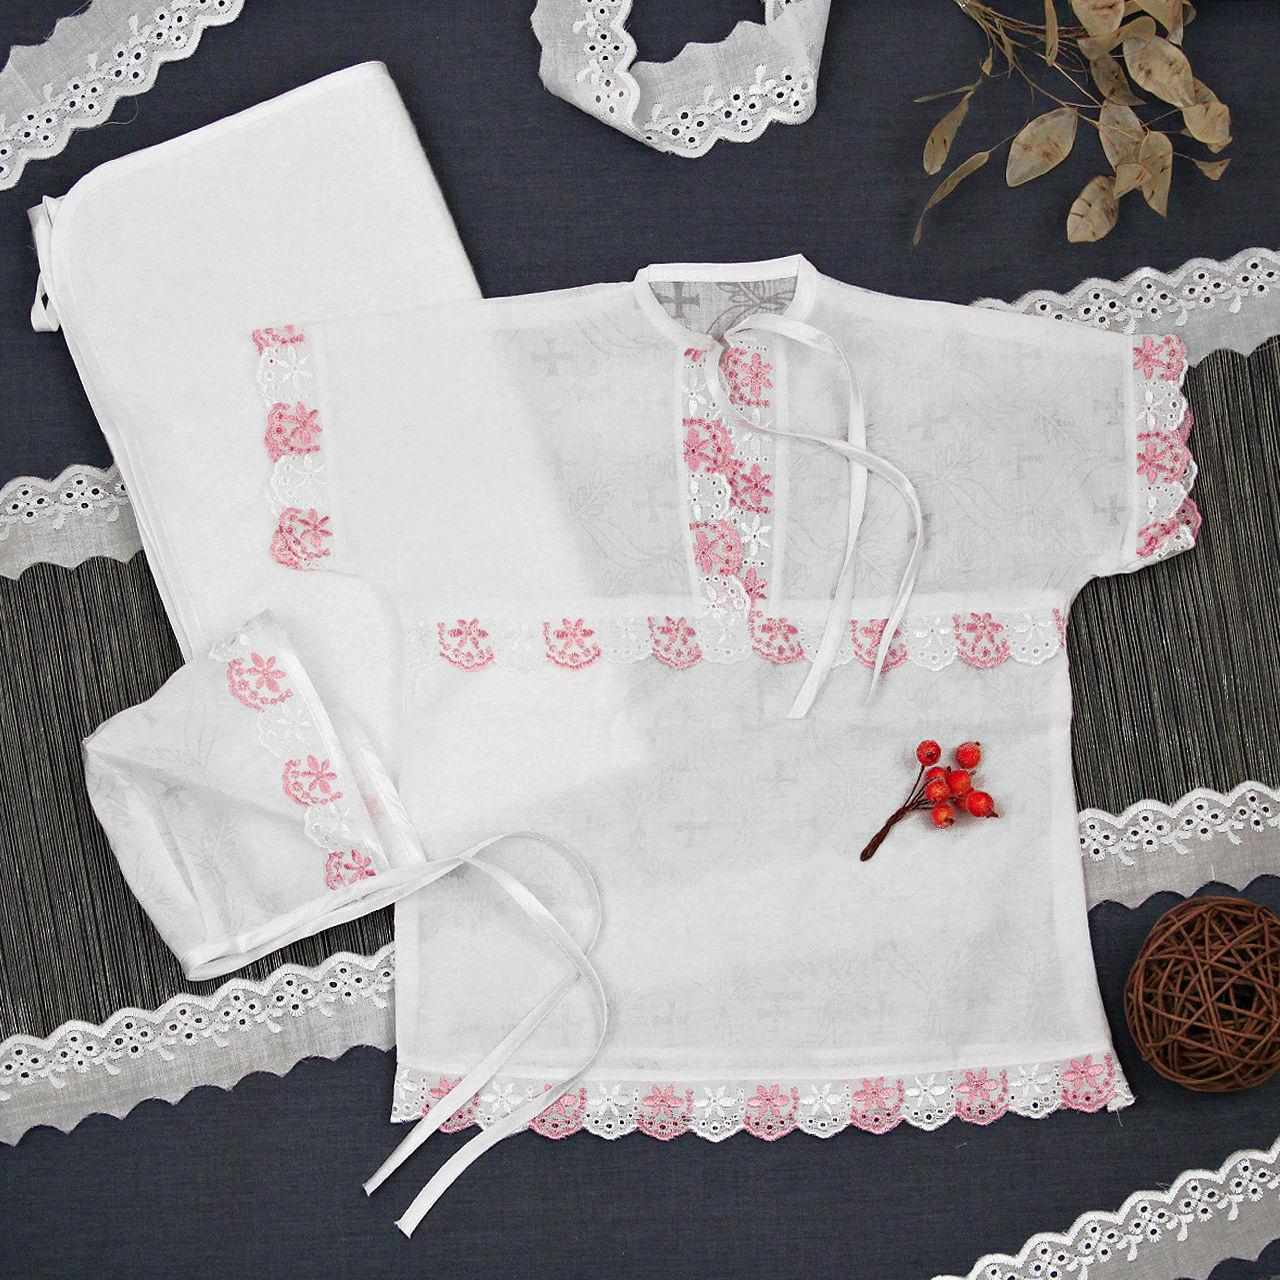 Подарок на крестины для девочки от крестной своими руками фото 841